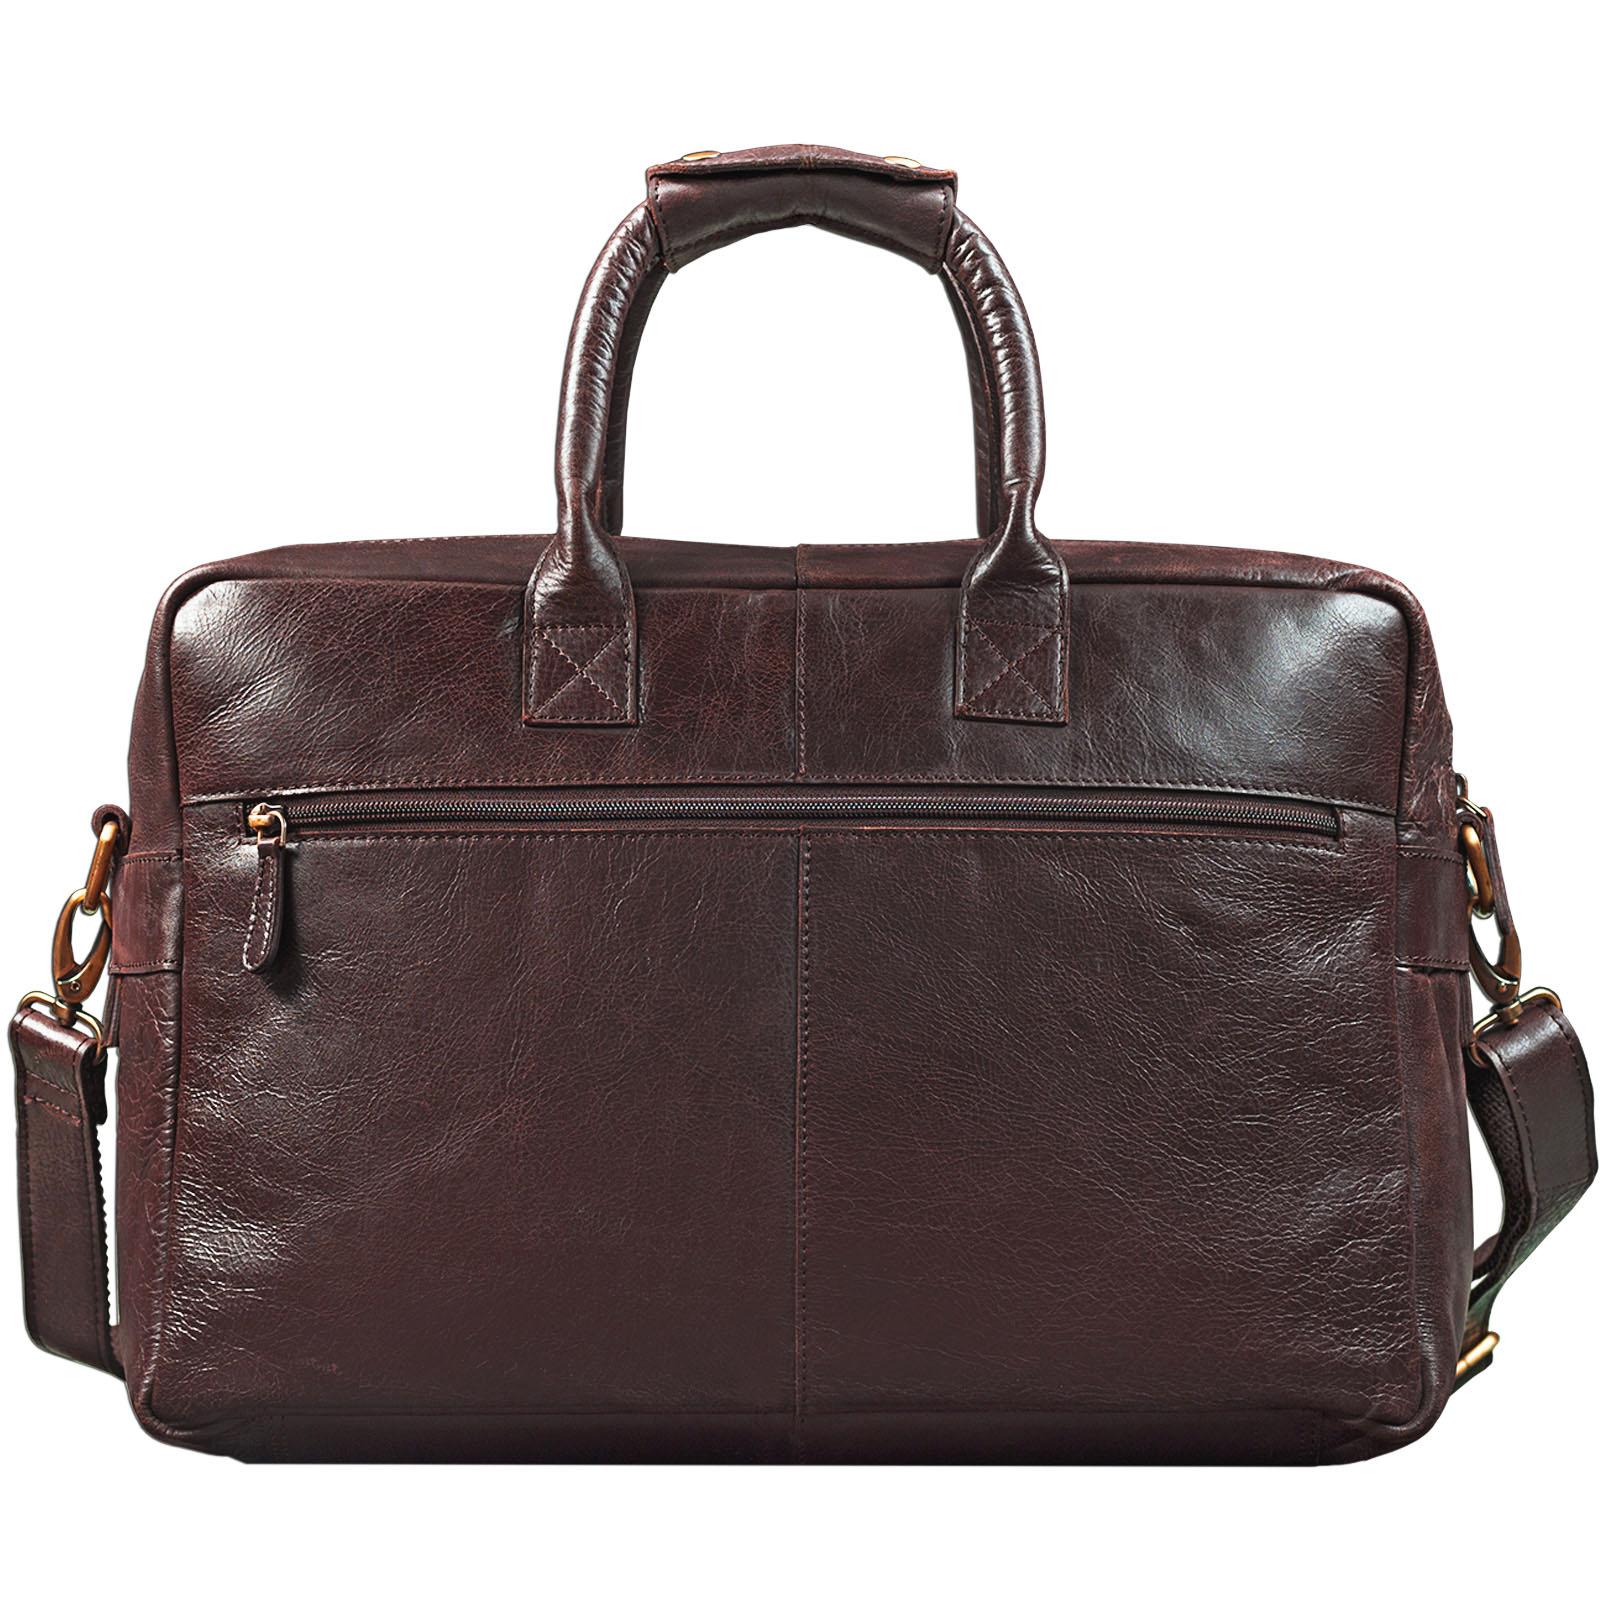 """STILORD """"Henri"""" Bürotasche Leder 15,6 Zoll Vintage Laptop Aktentasche Businesstasche Umhängetasche Lehrertasche Büffelleder - Bild 10"""